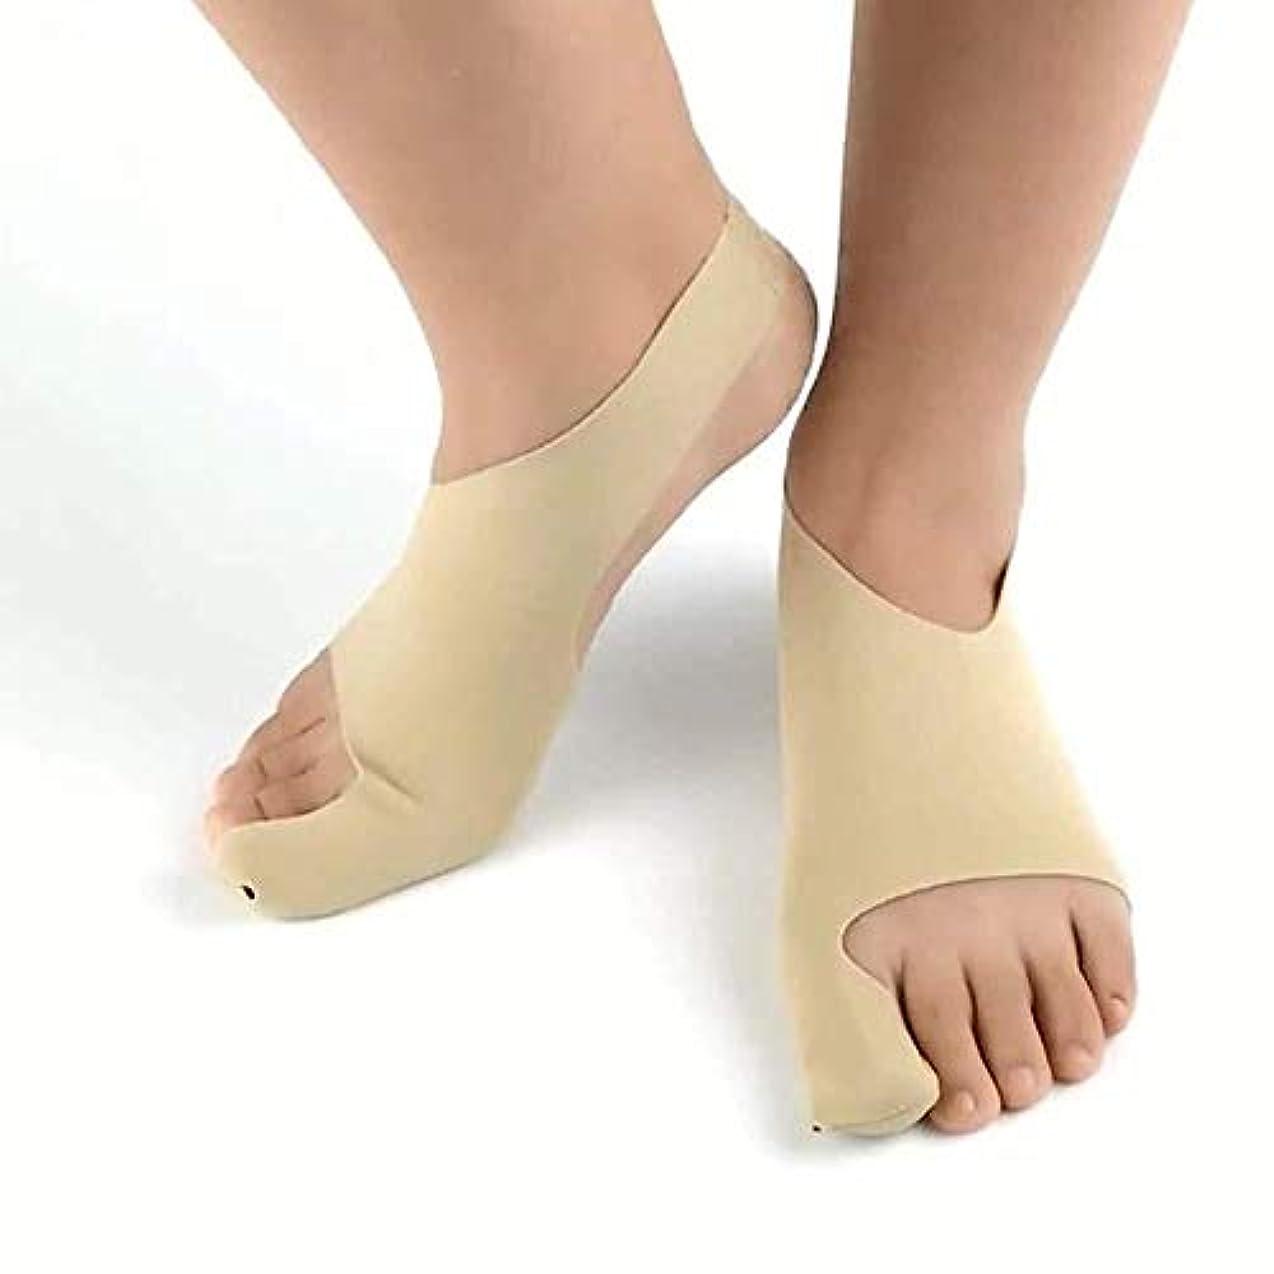 ベジタリアンデッドロック同種の外反母ortho装具、超薄型整形外科大足指外反母gusは、ランニング/スポーツの治療と足の痛みの緩和をサポートします,L